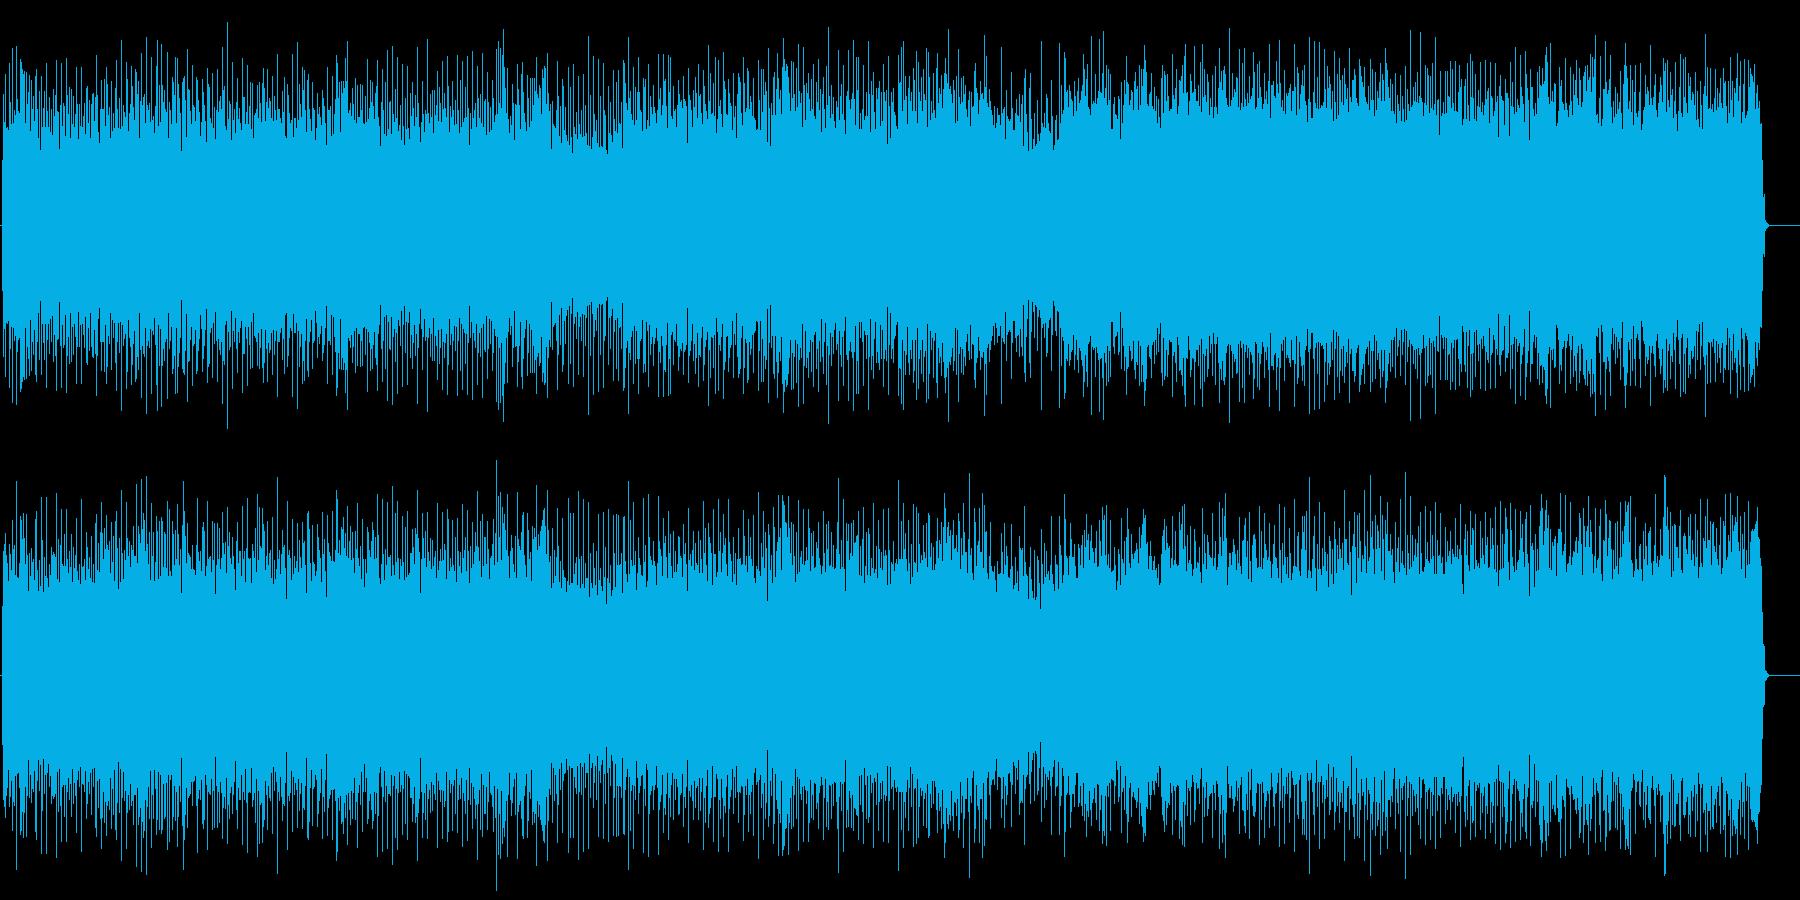 タイトなリズムのアメリカンハードロックの再生済みの波形